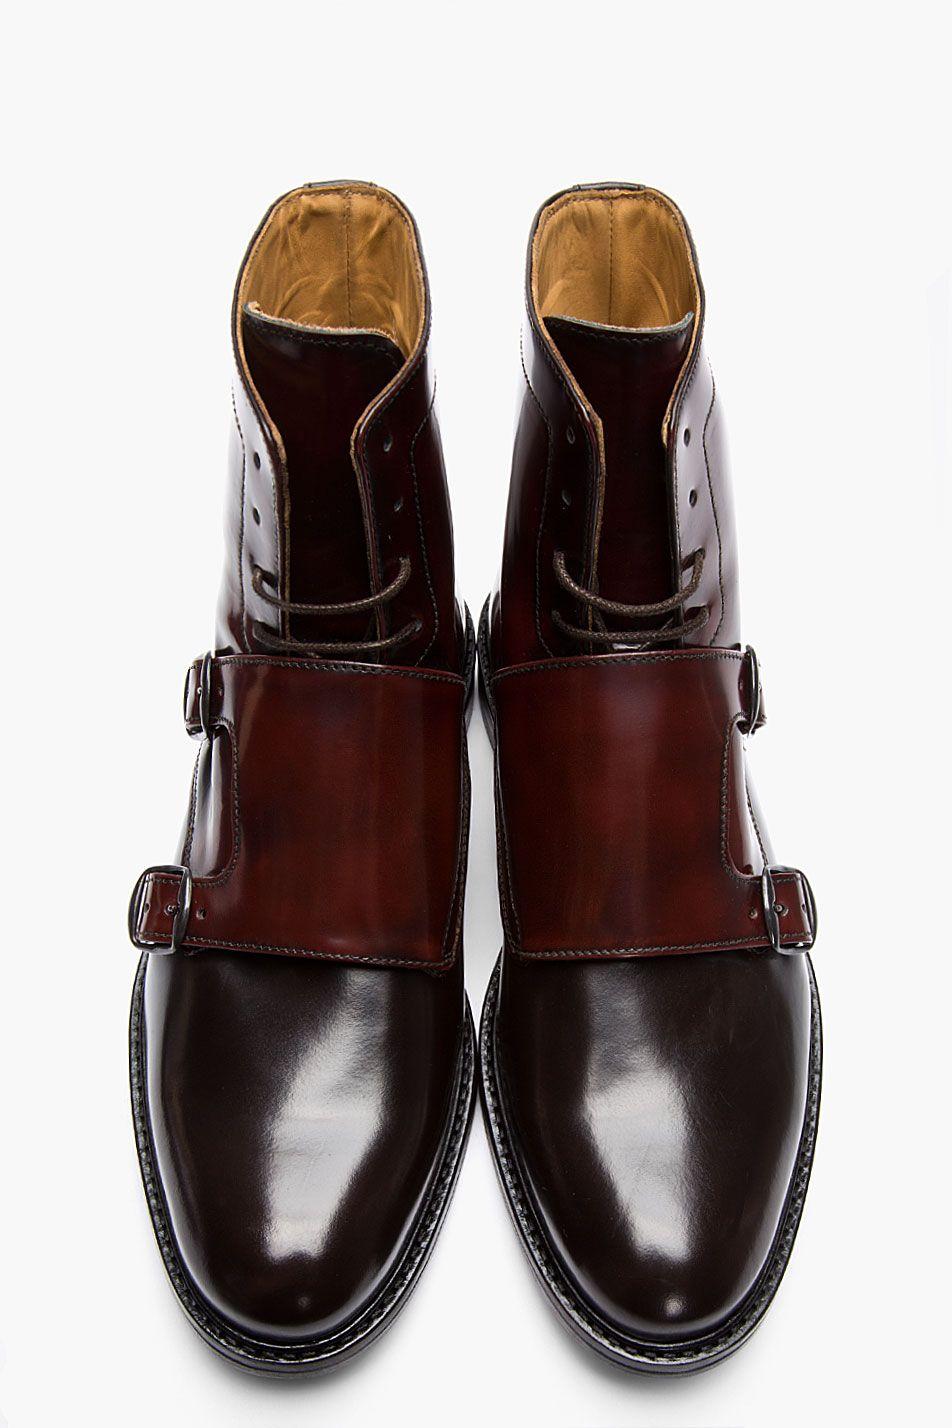 Des bottines double boucle Carven avec un très beau dégradé de couleurs. -  JAMAIS VULGAIRE, blog mode homme, magazine et relooking online